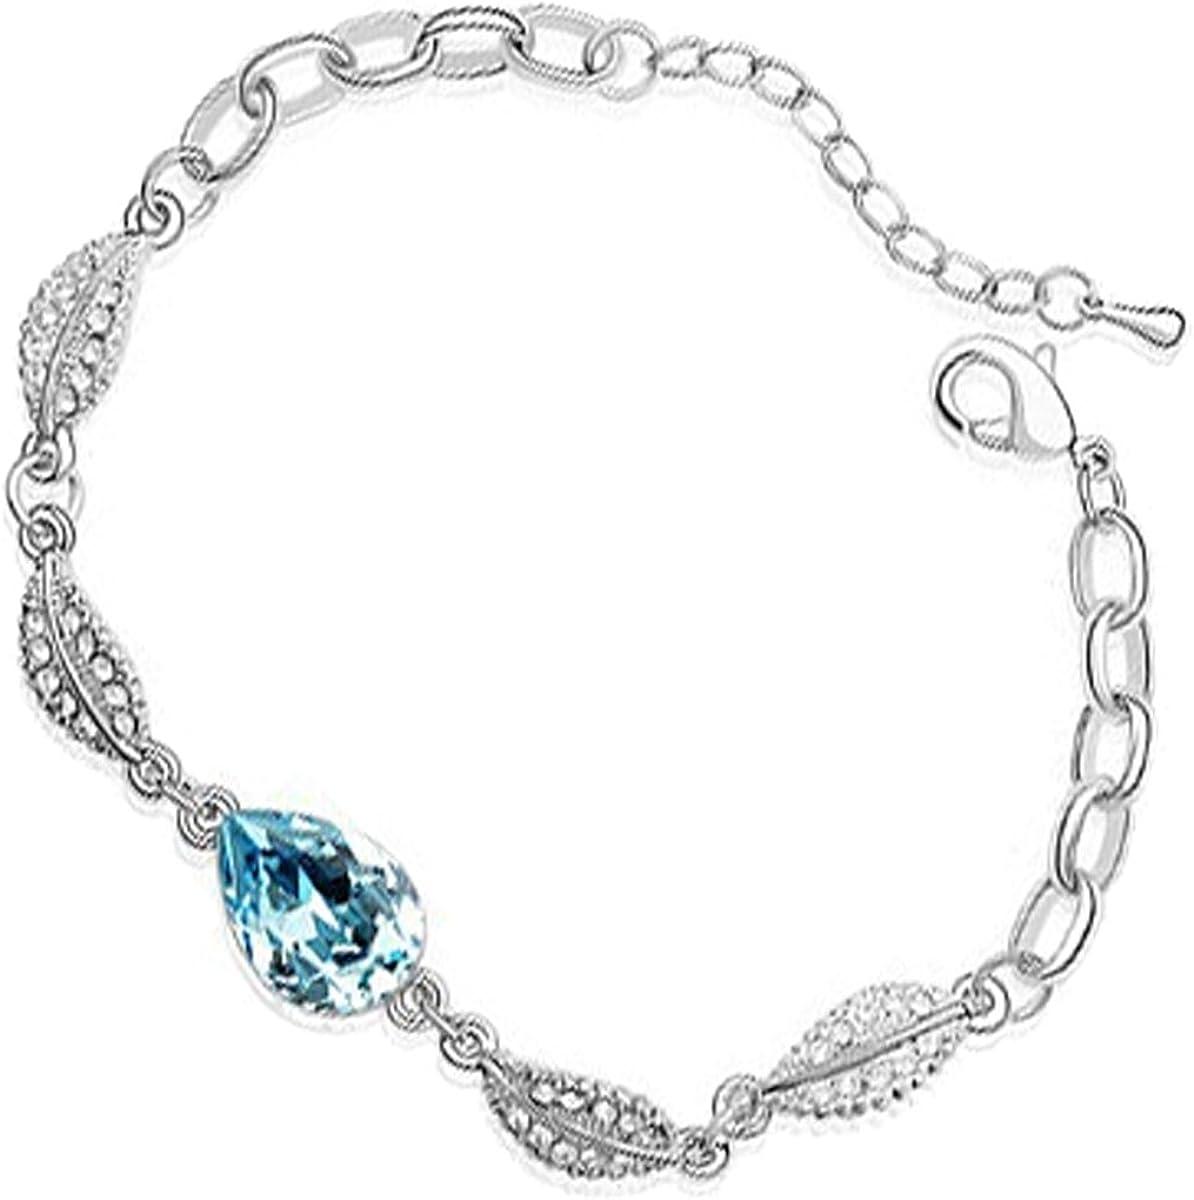 UPCO Jewellery Brazalete con una Piedra Central en Forma de Gota y 4 Hojas Cubiertas de Cristales Blancos, de 180 MM bañado en Plata esterlina